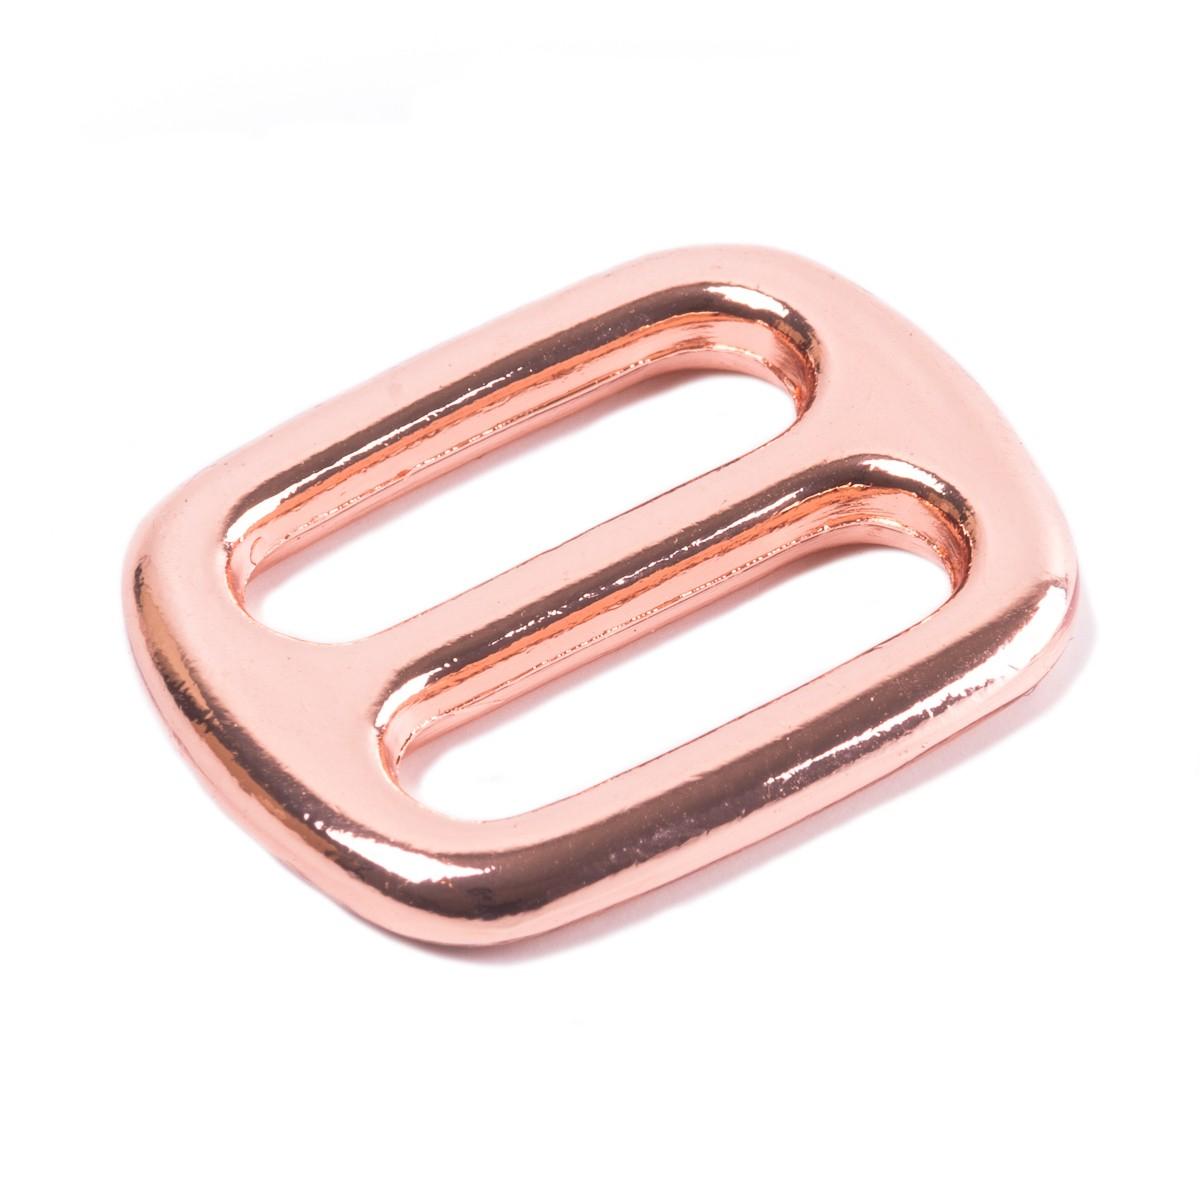 Regulator, Schieber, Versteller aus Metall, roségold für 20mm Gurtband